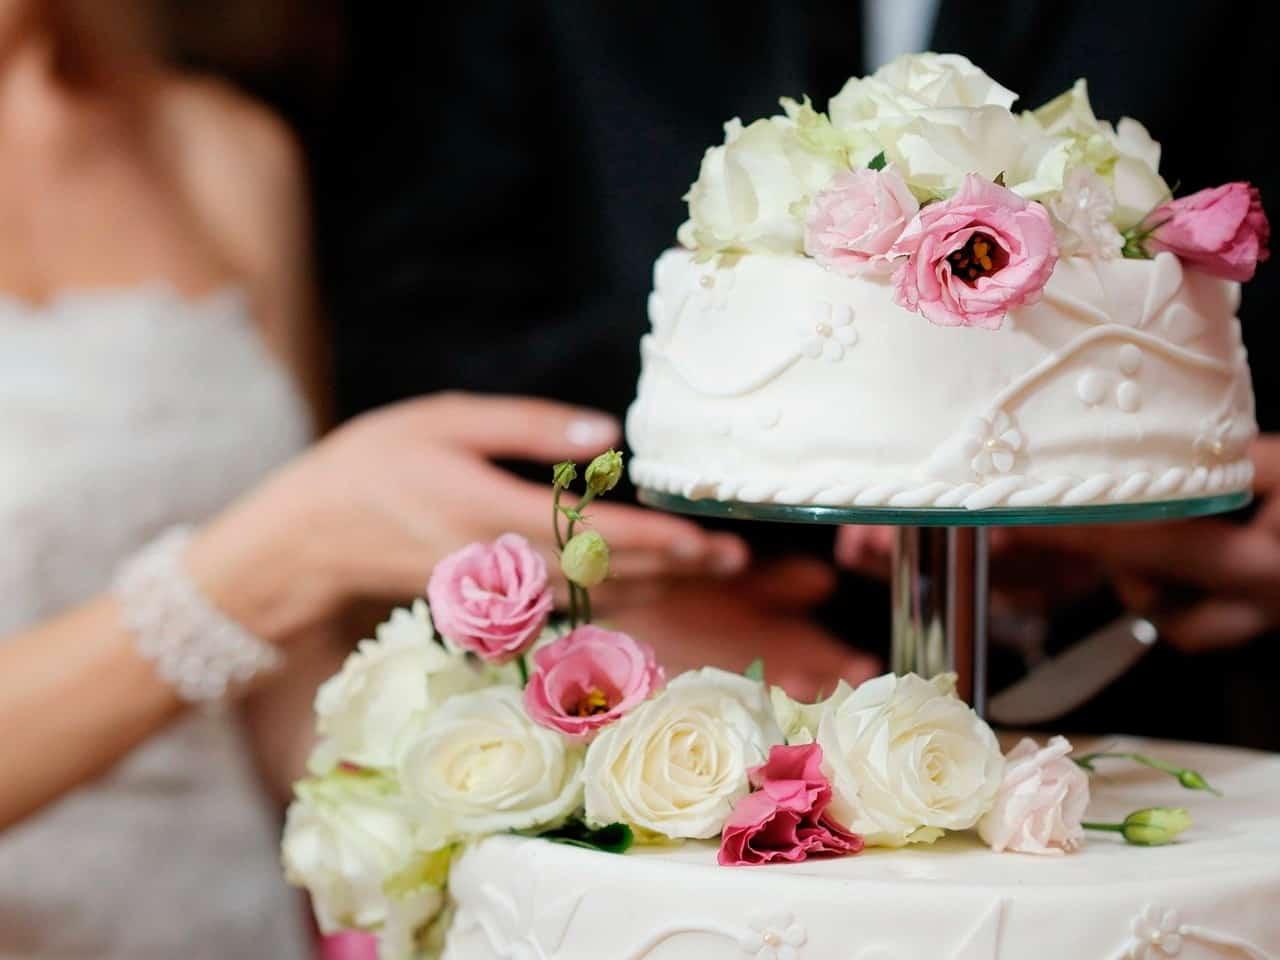 май хорошо подходит для свадьбы